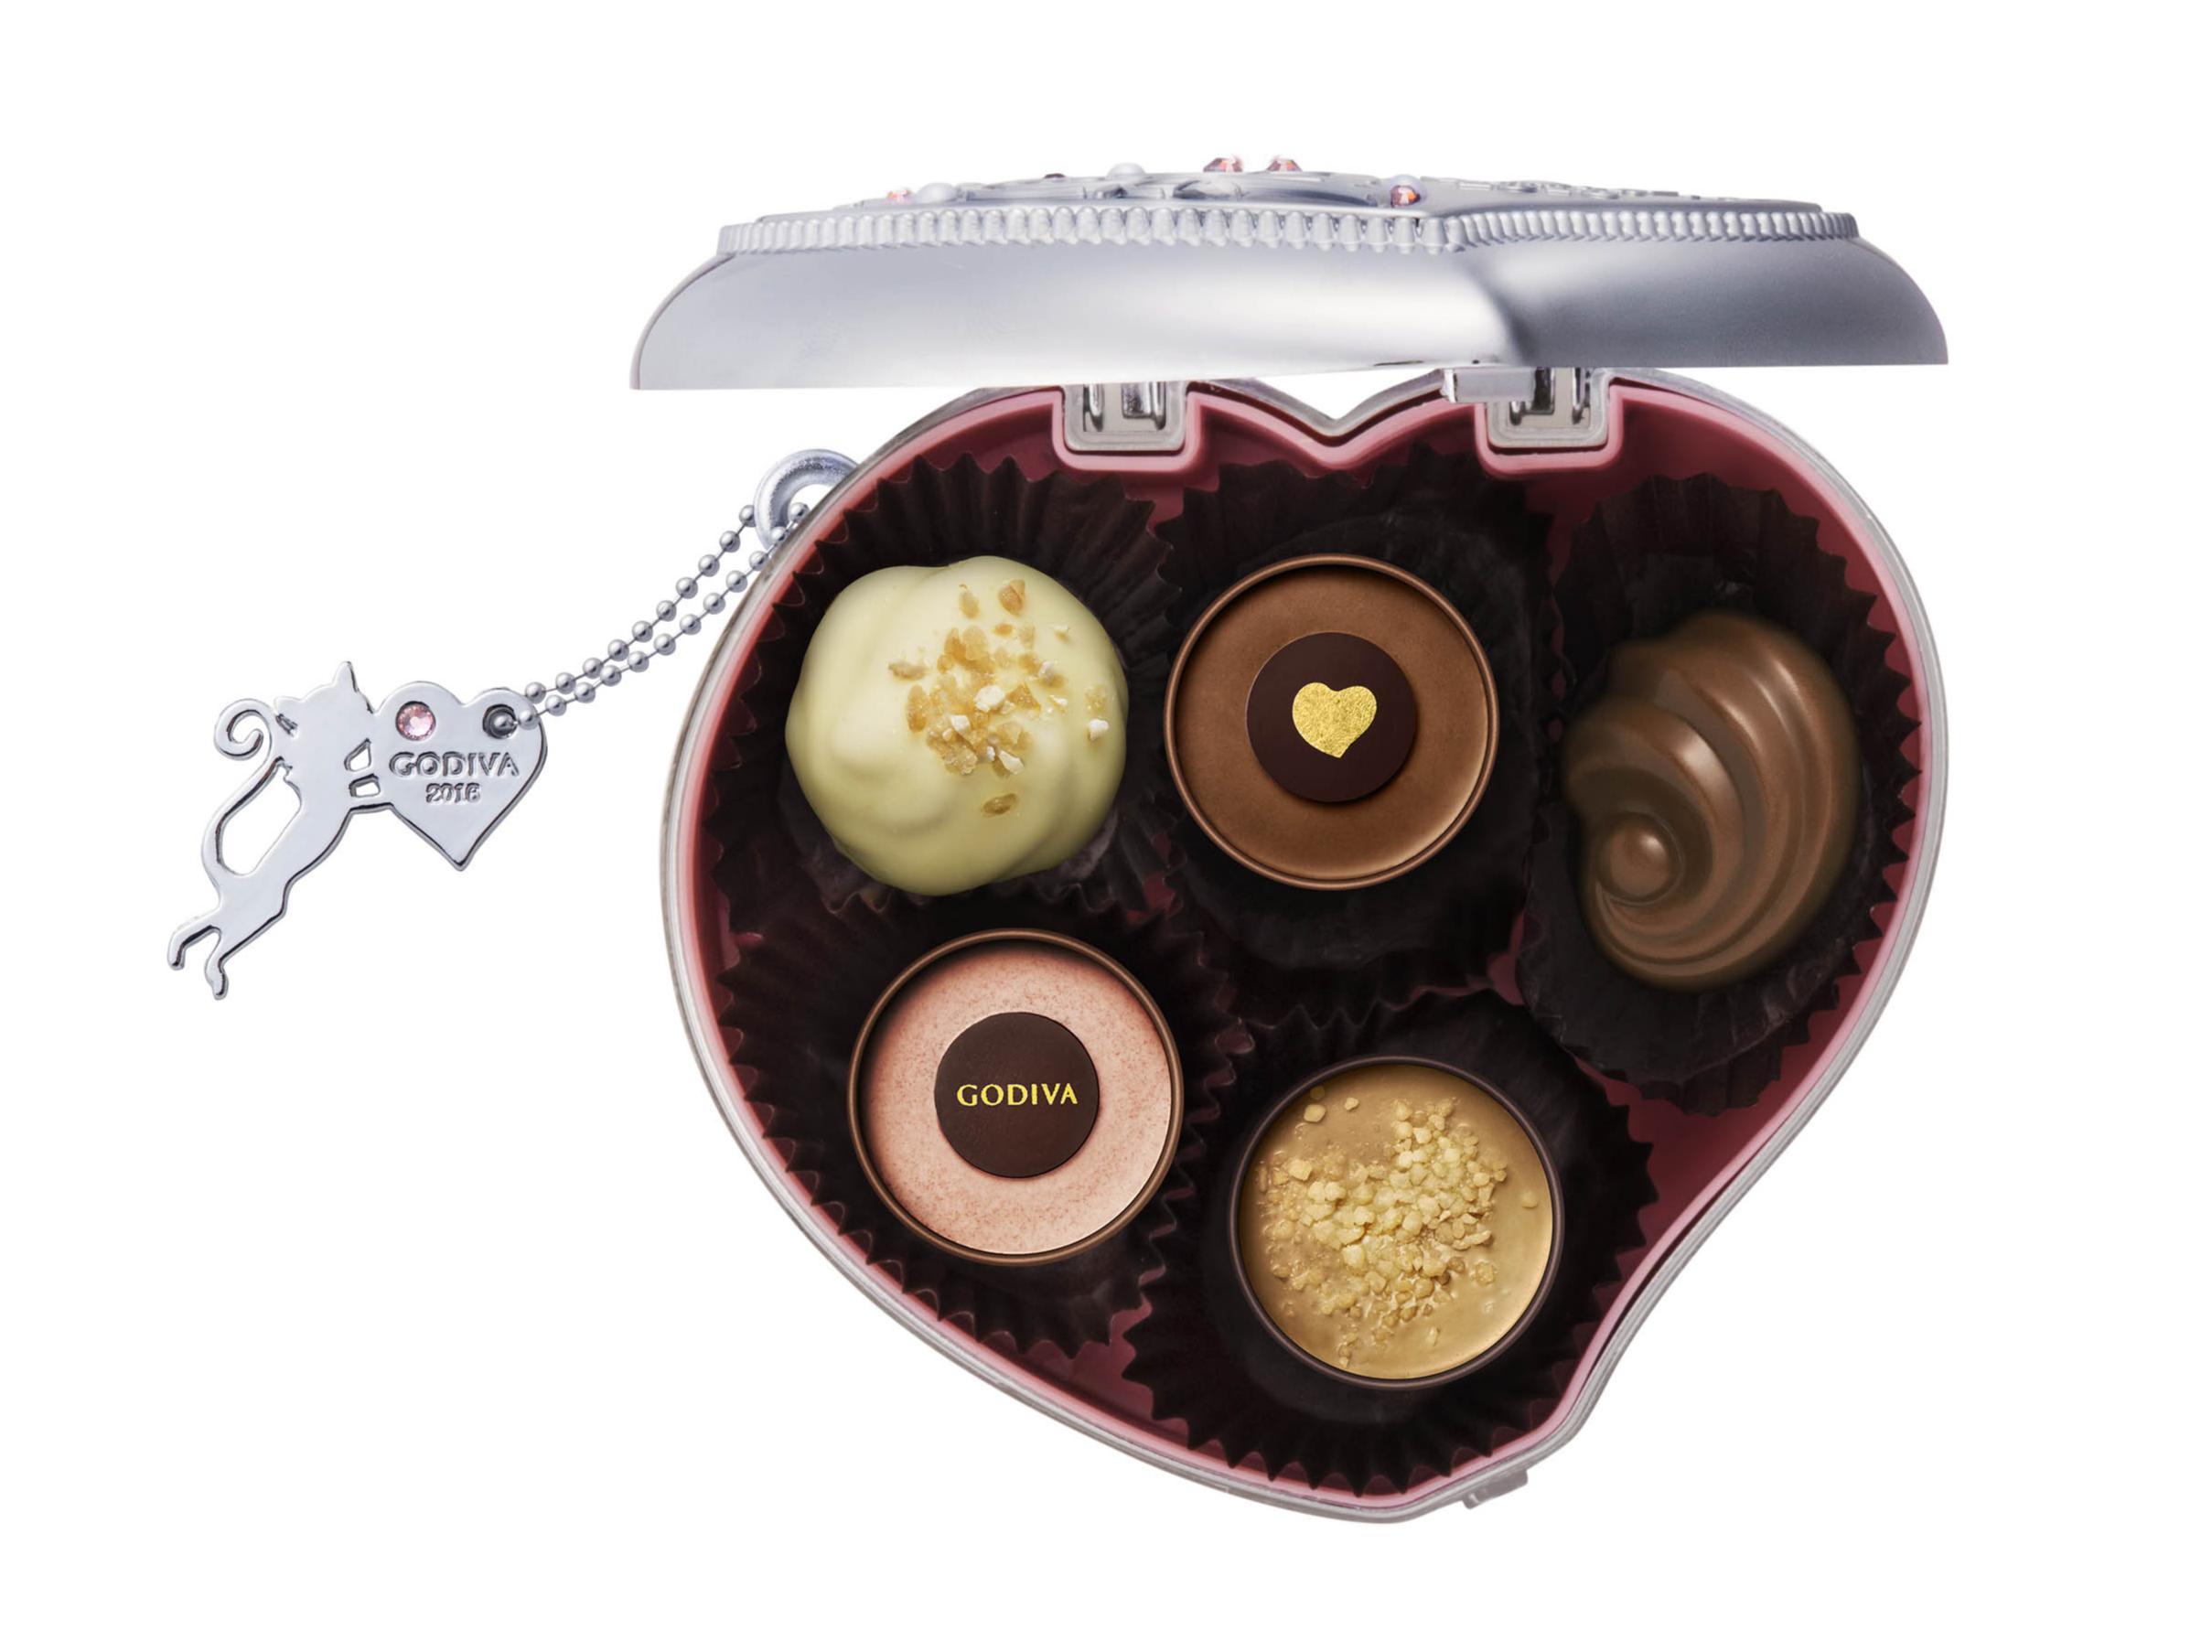 誰に贈っても喜ばれるのは、やっぱり『GODIVA』のチョコレートでしょ!_2